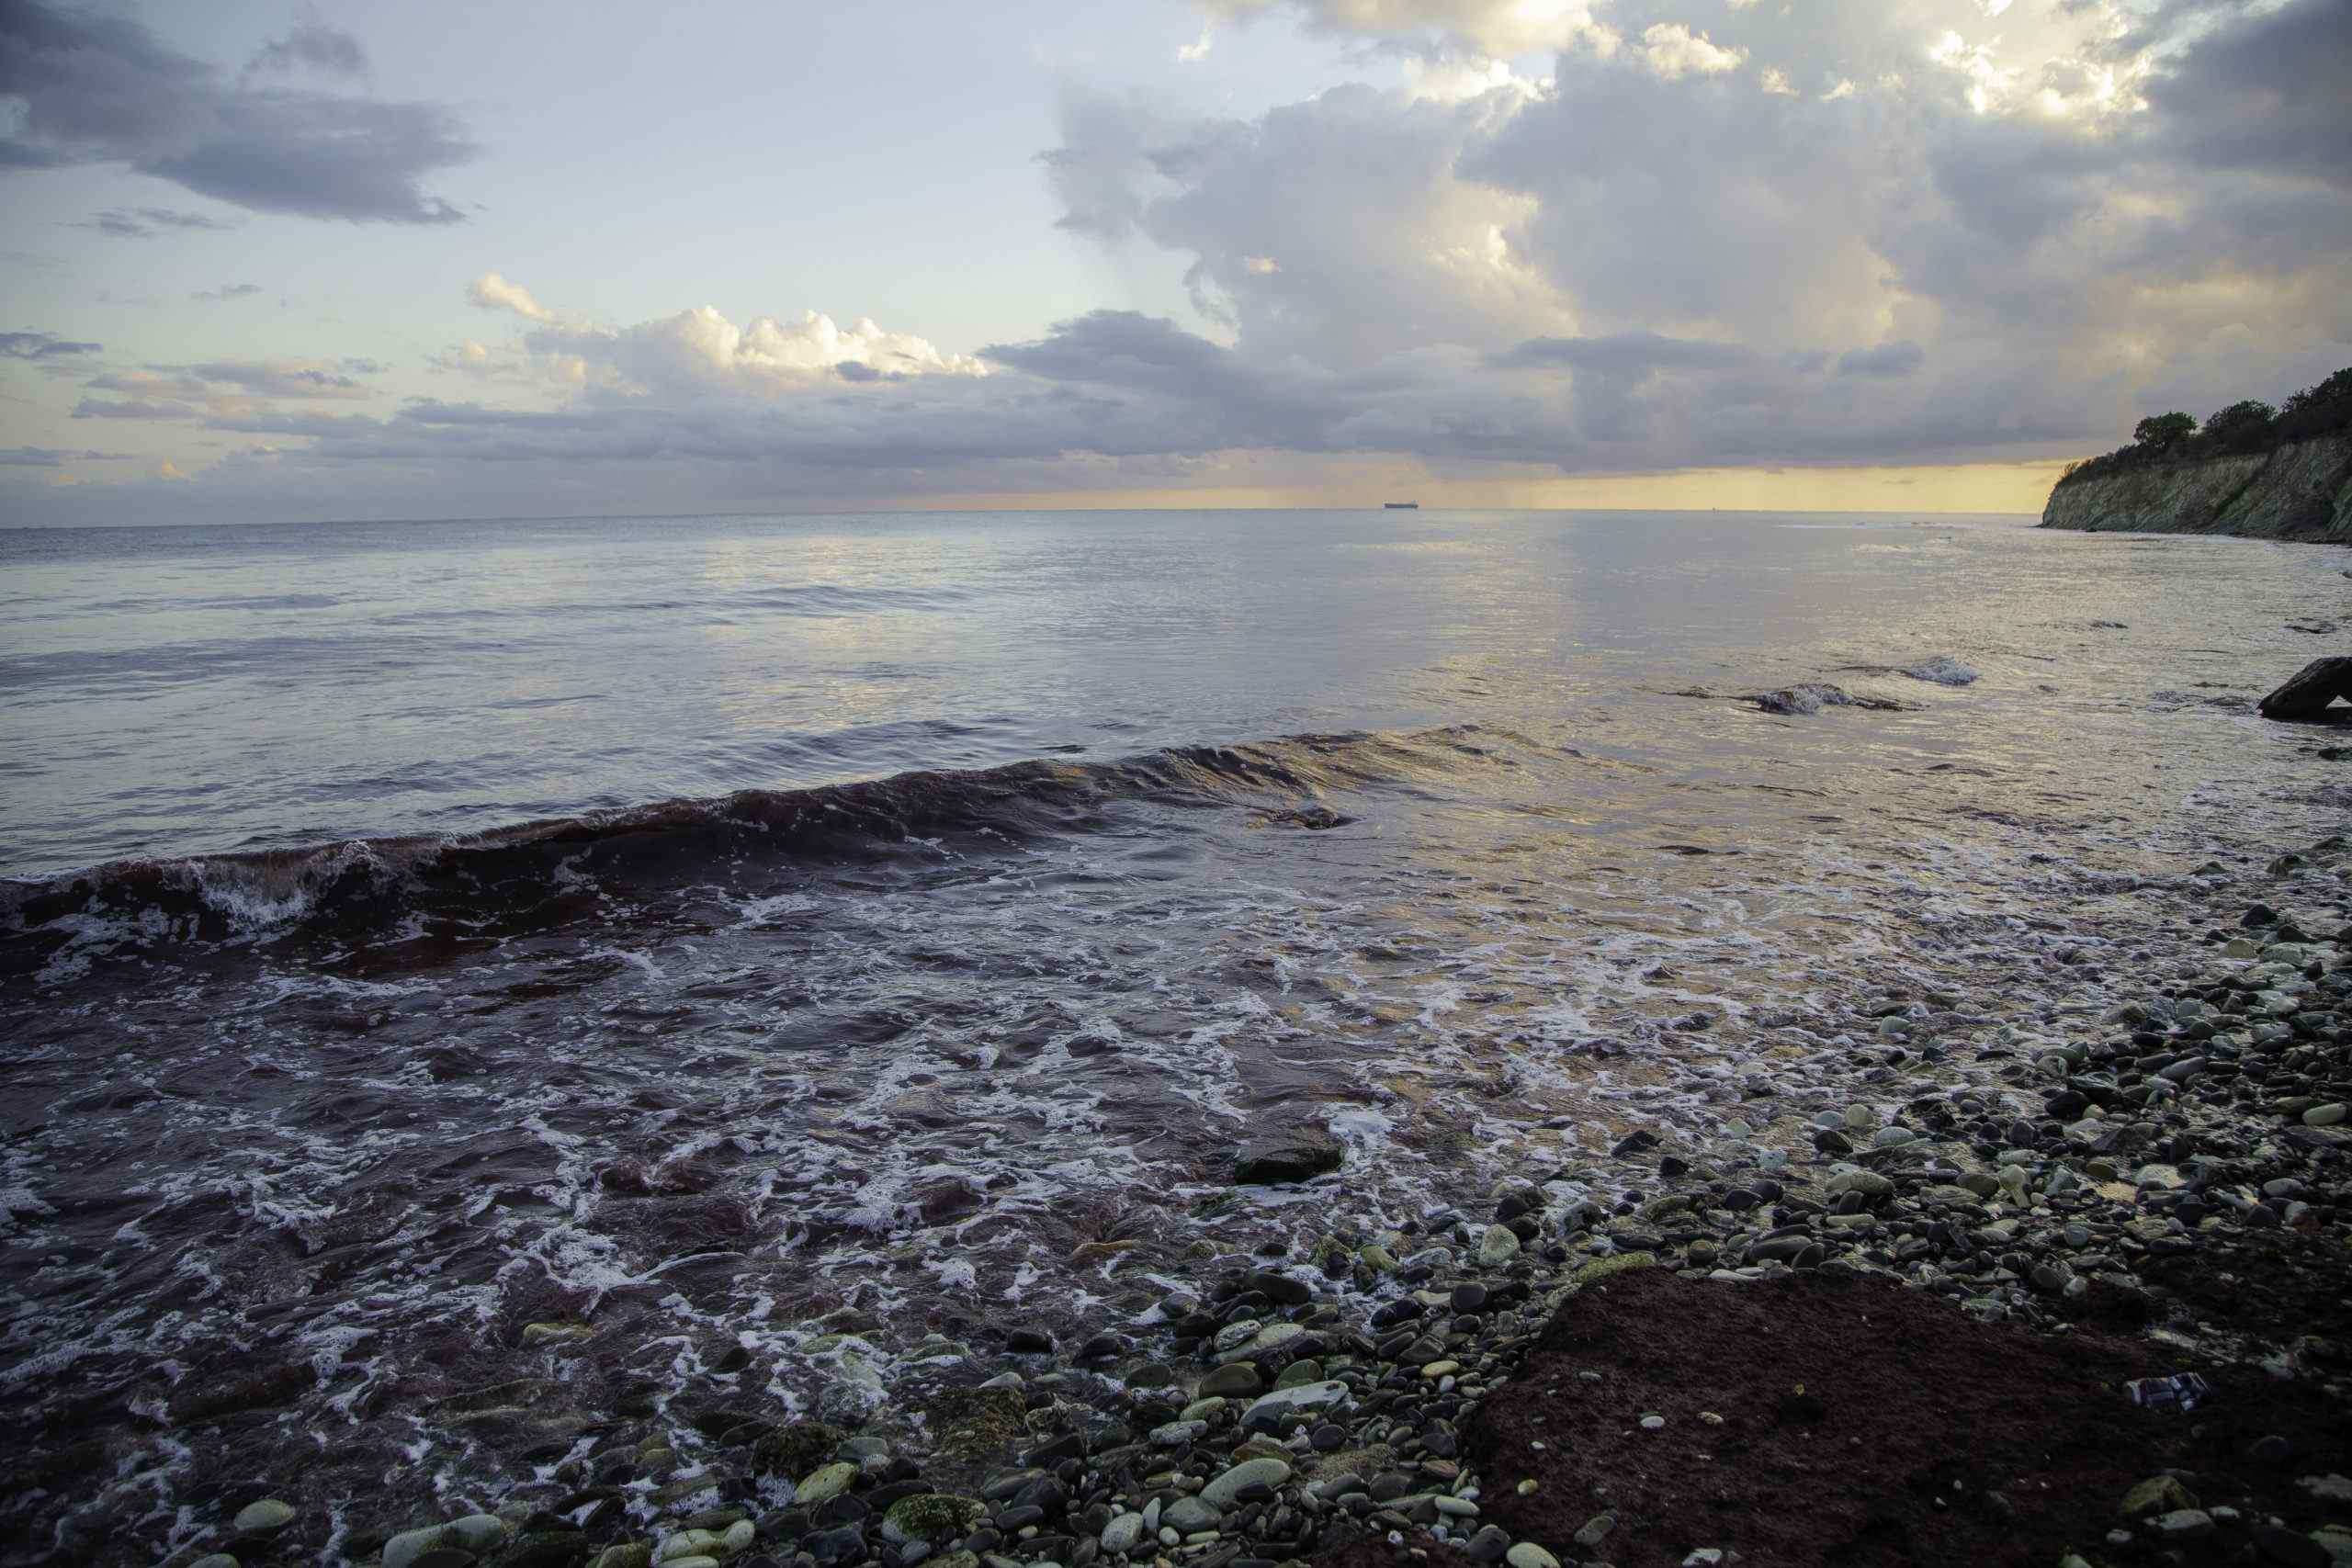 Ученые и экологи выясняют, почему краснеет Цемесская бухта. Экологическая угроза или естественный процесс?